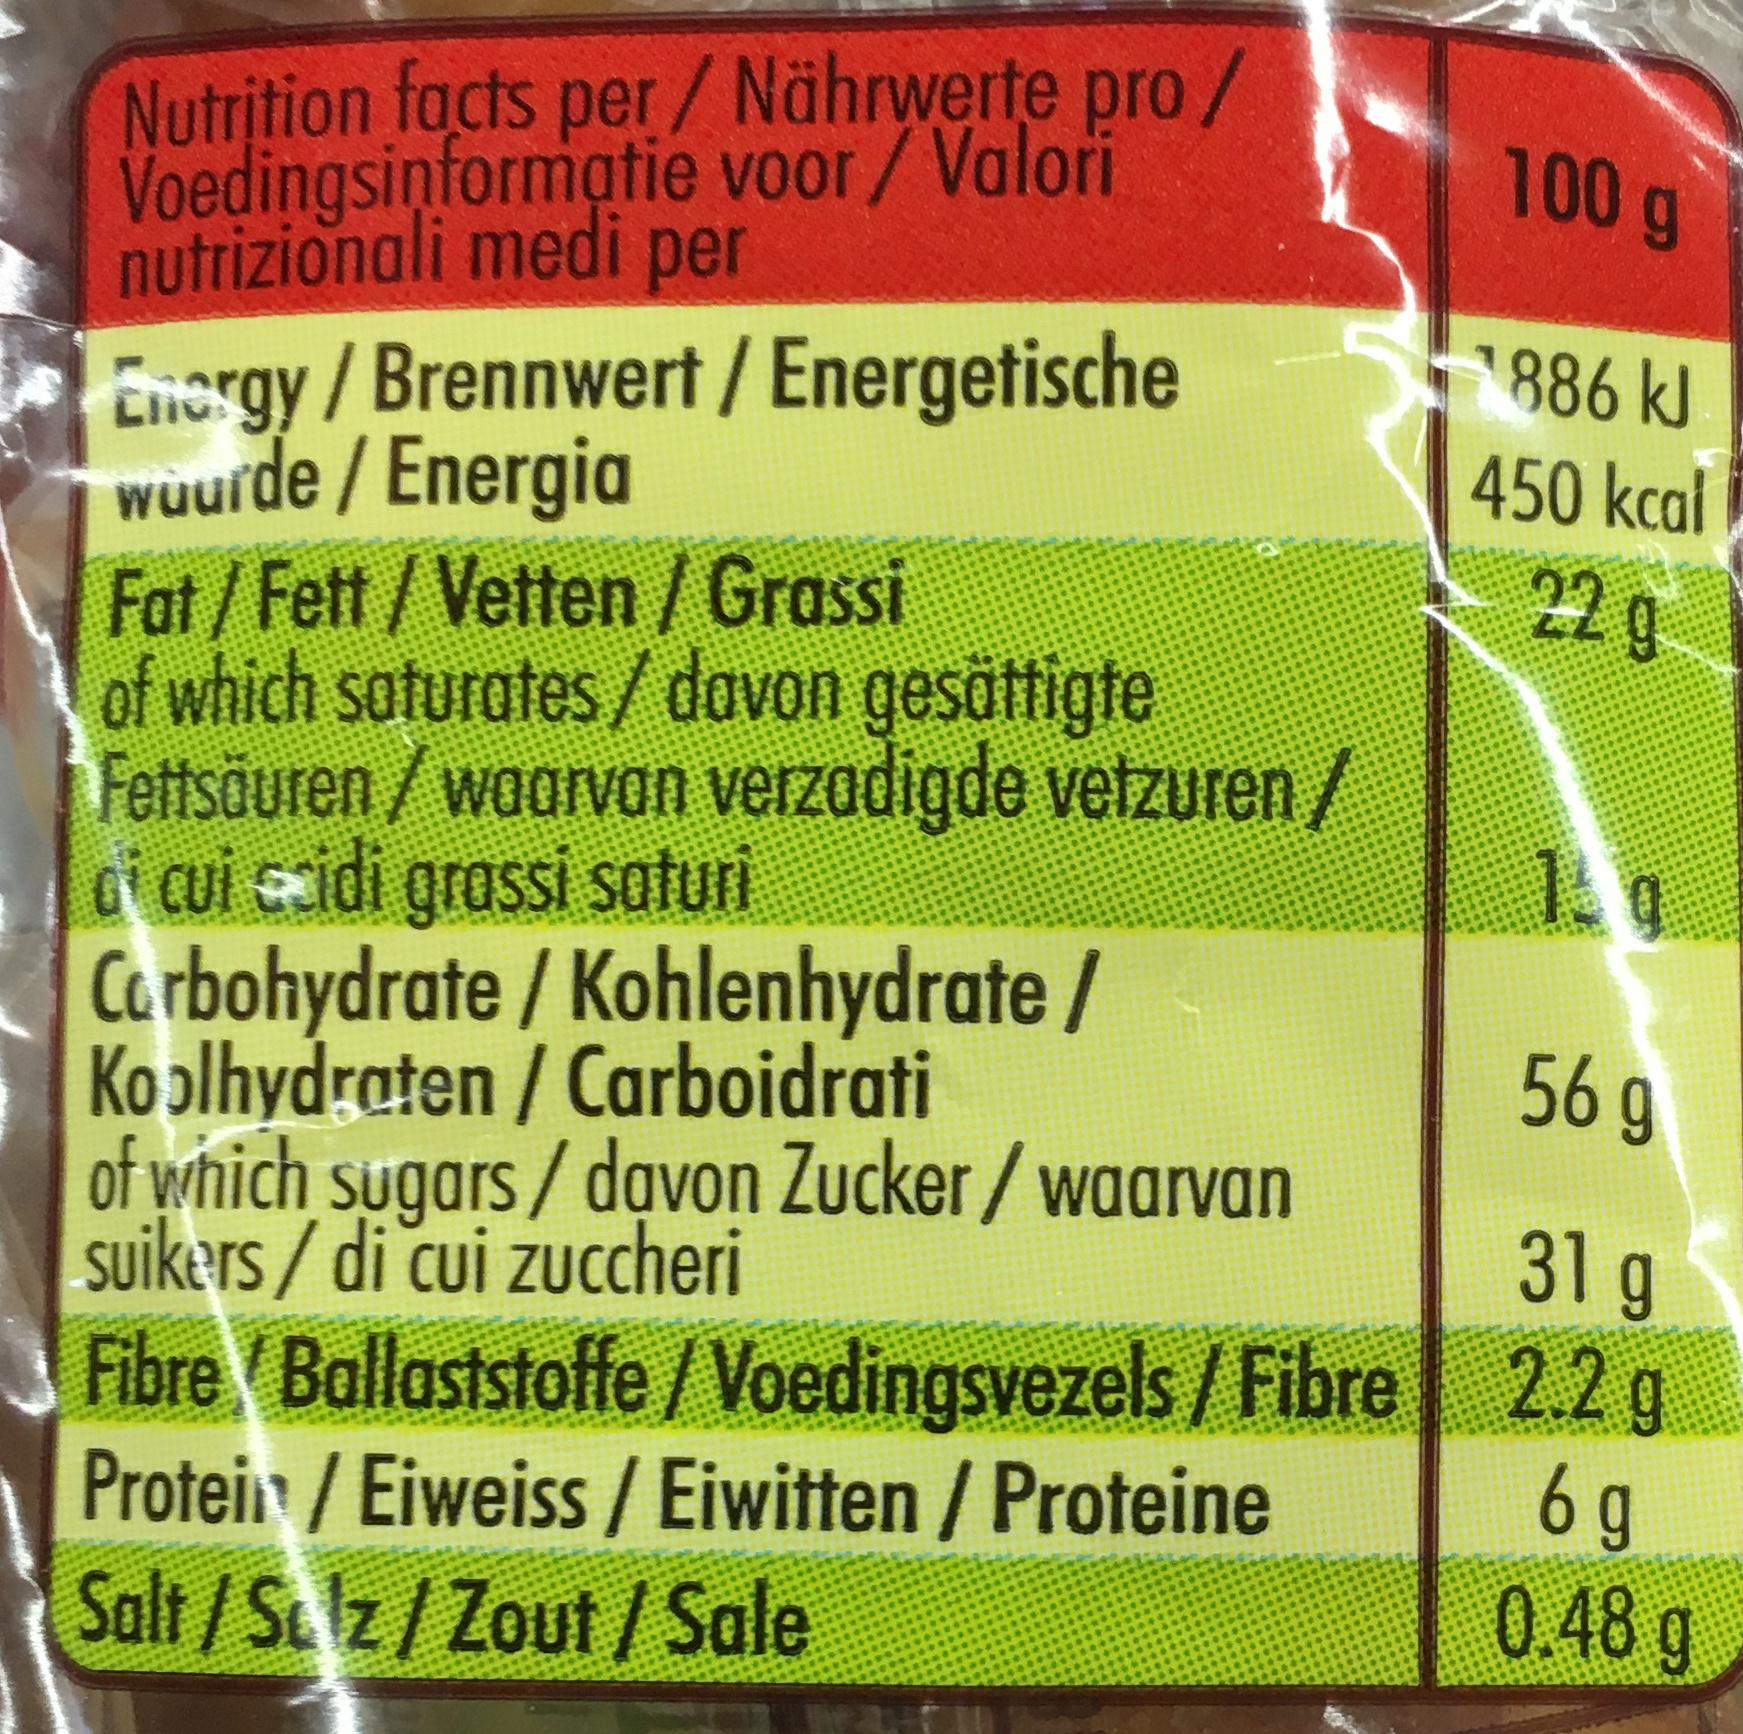 Madeleine recette de commercy pur beurre - Valori nutrizionali - fr